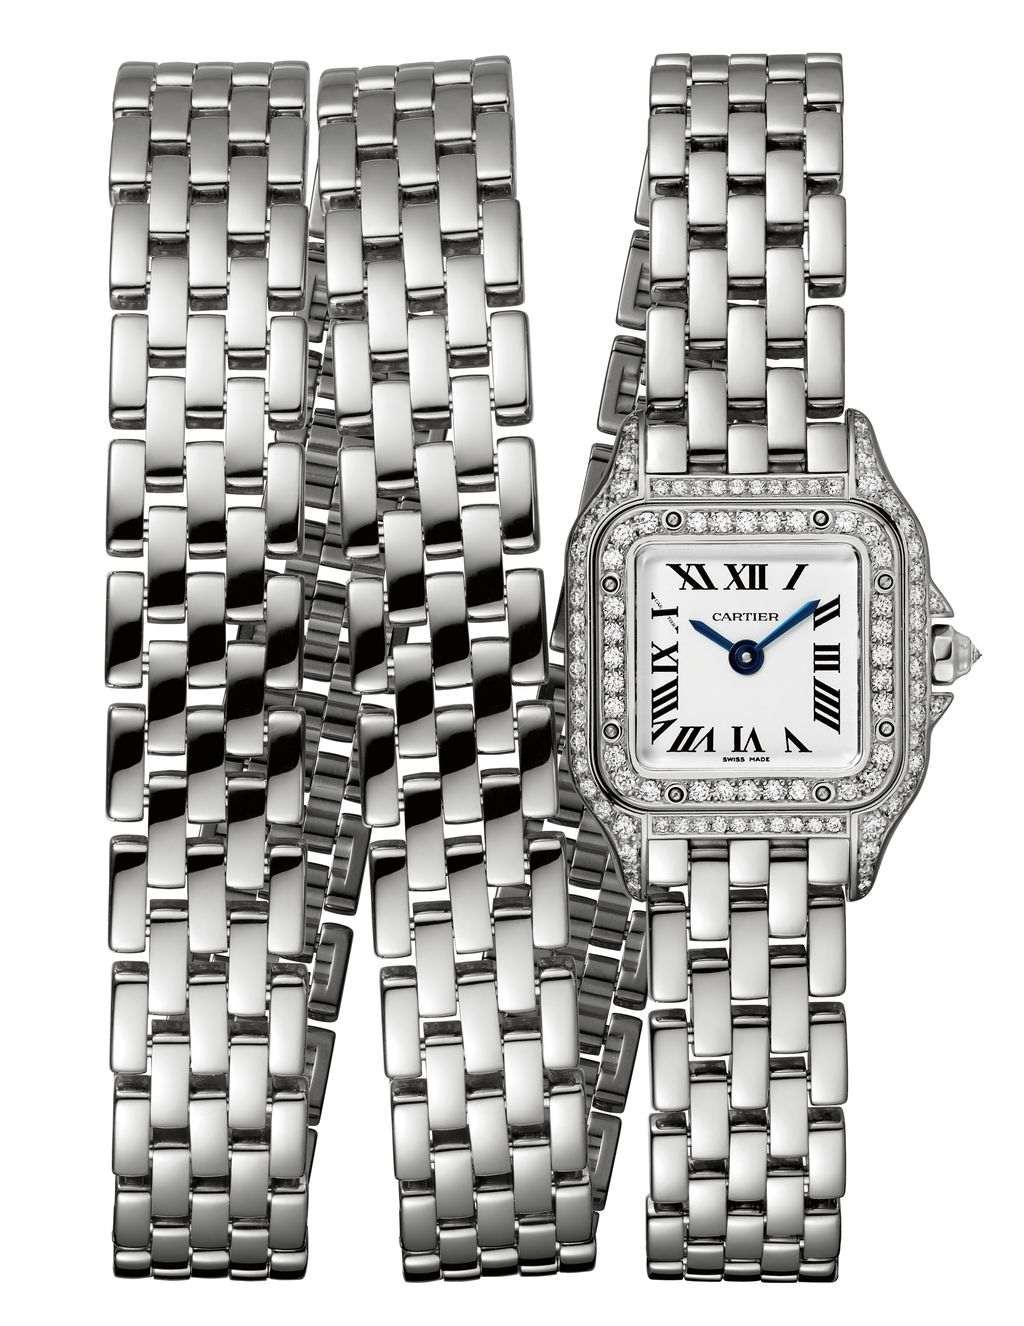 卡地亞 Panthère de Cartier 美洲豹三環錶鍊腕錶迷你款